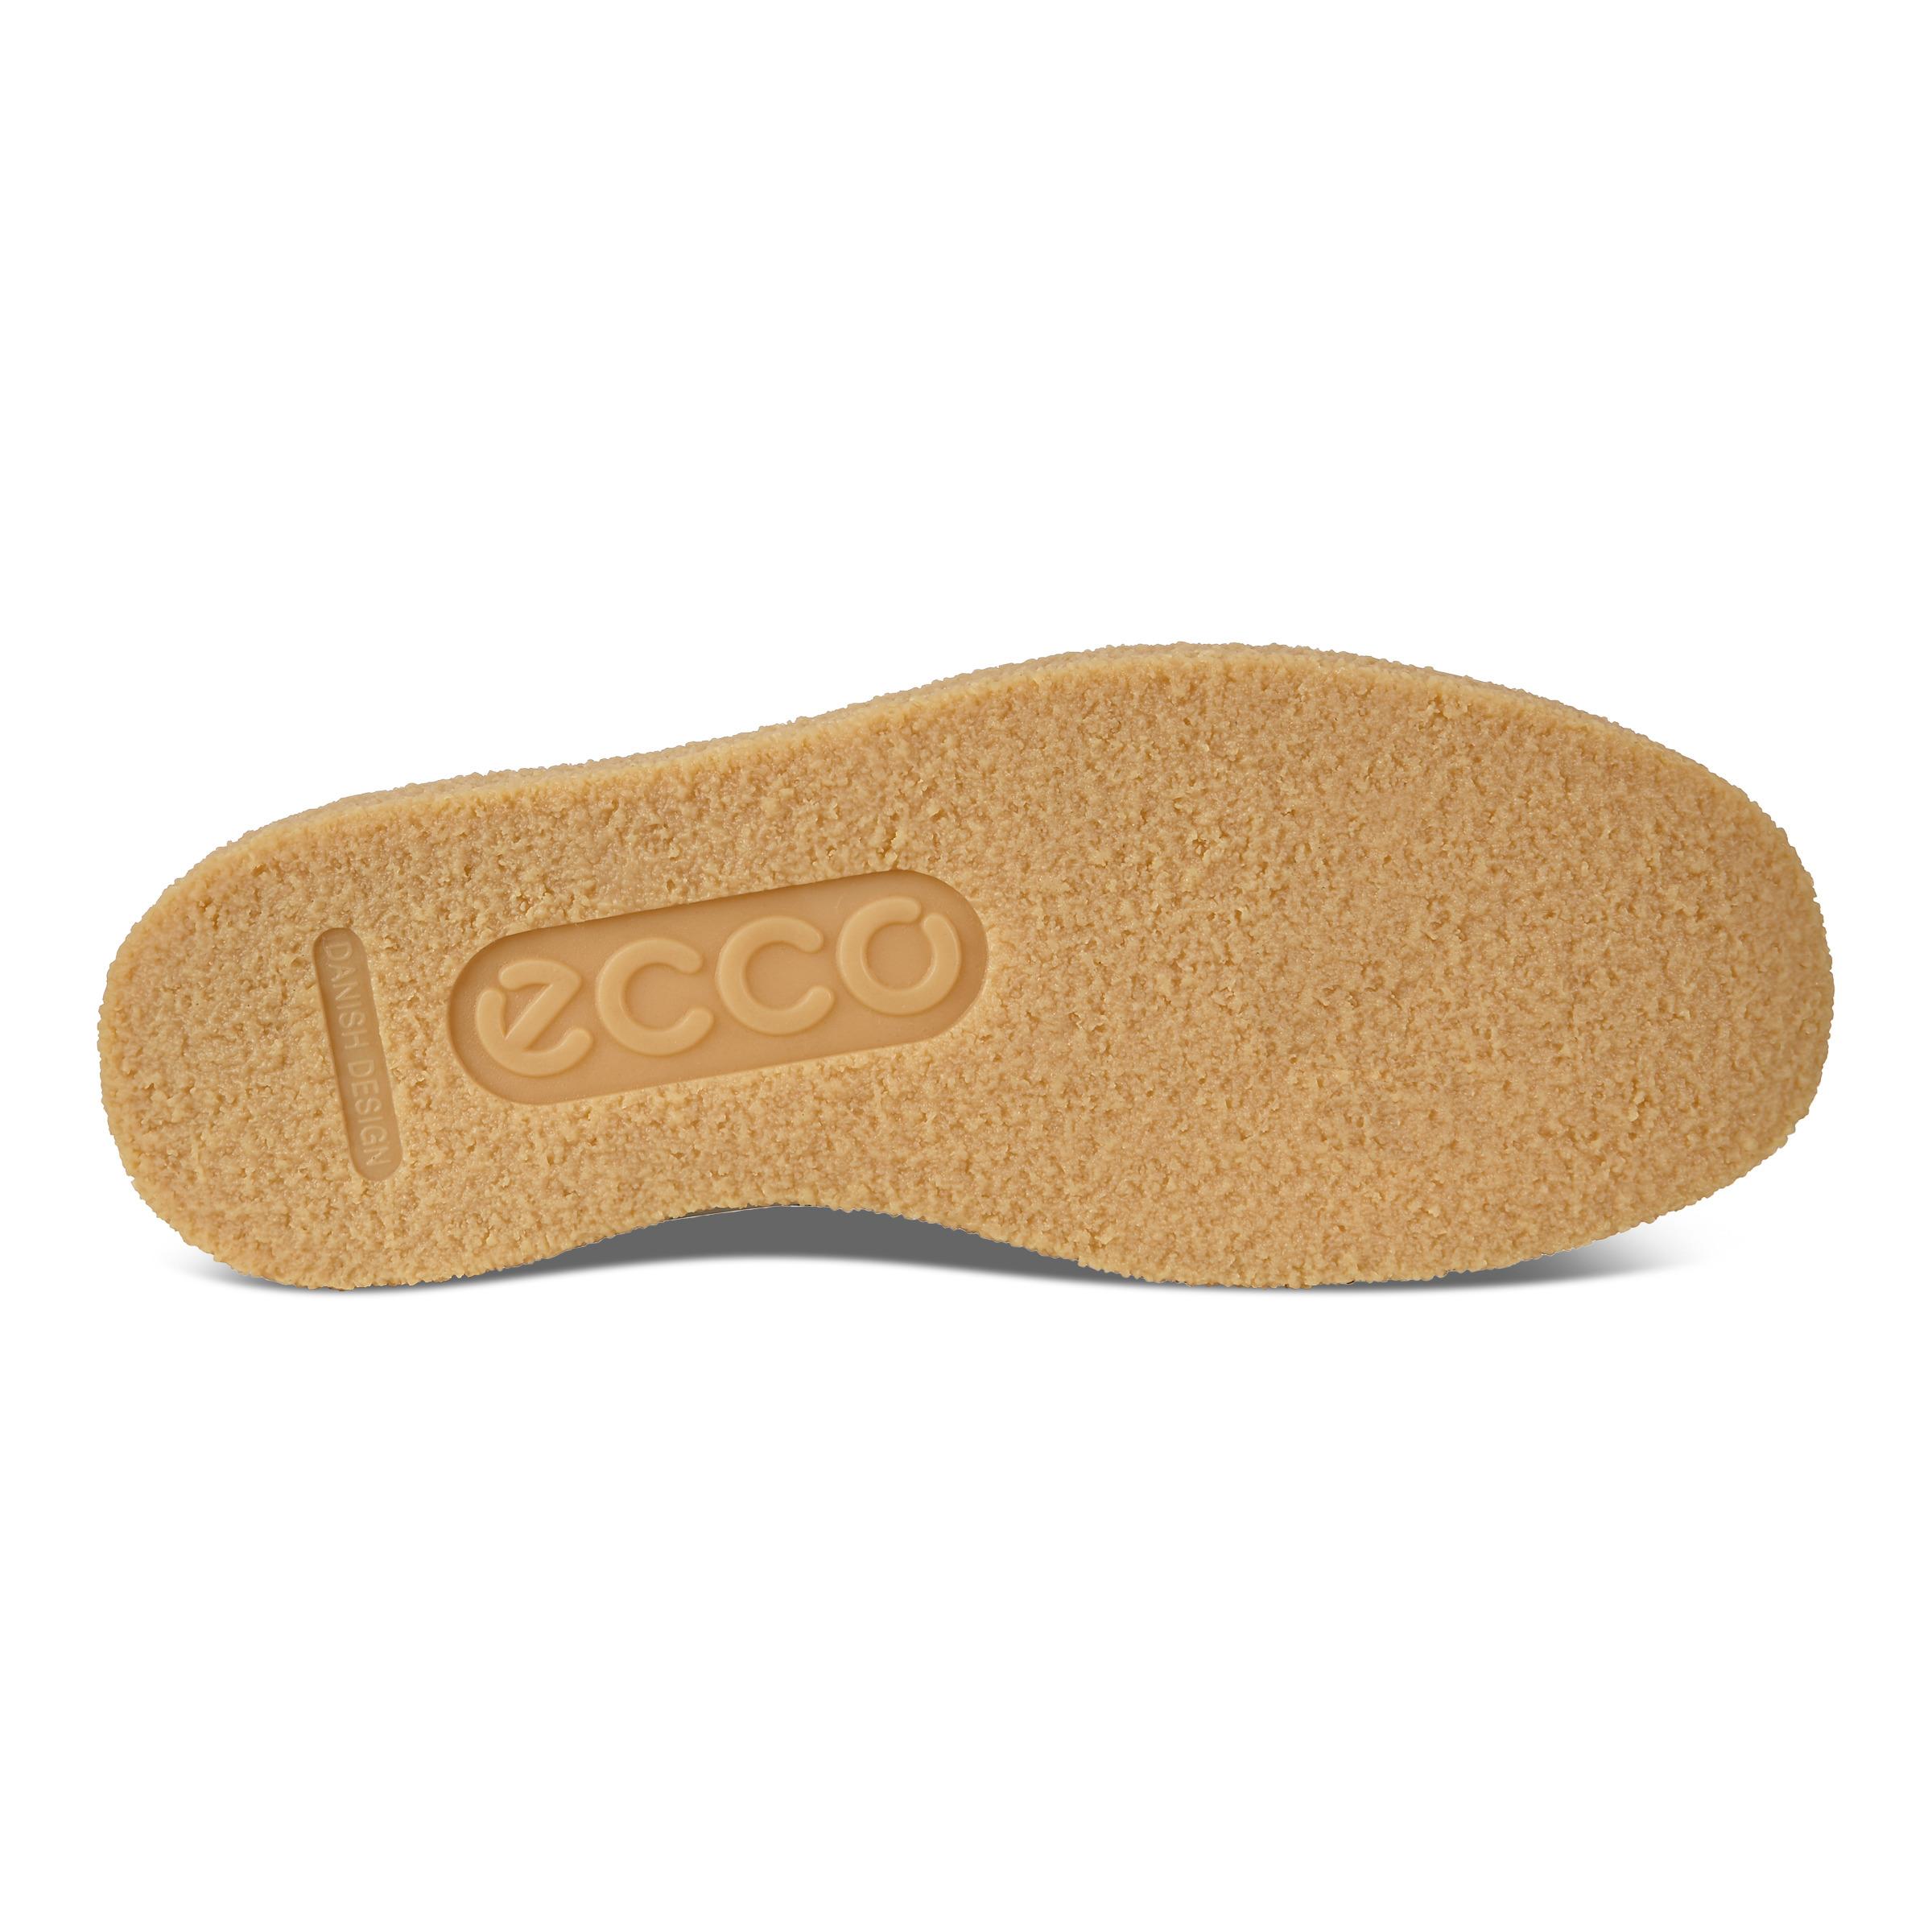 Boots CREPETRAY MEN'S ECCO Shoes NZ